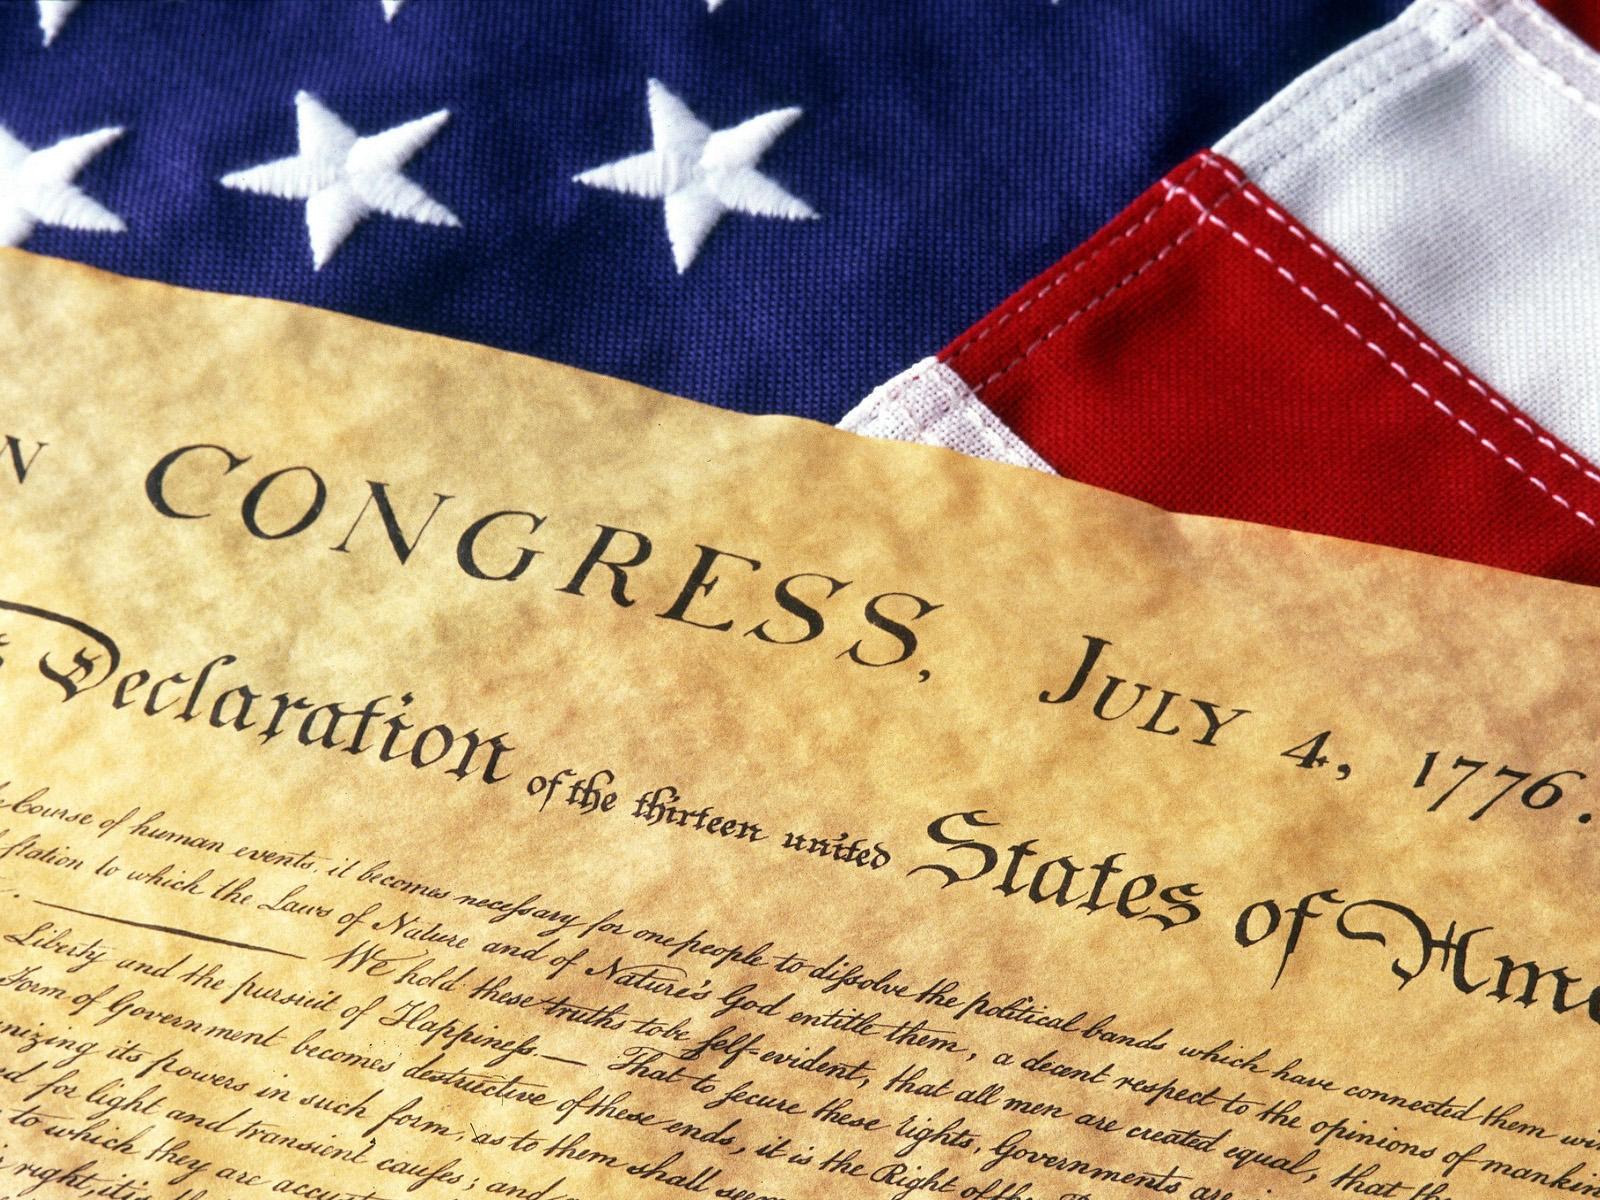 http://4.bp.blogspot.com/-aUjS5TbO9Ok/T-8KXNq_D8I/AAAAAAAAACY/OwwBgJLSgAk/s1600/Declaration%2Bof%2BIndependence.jpg